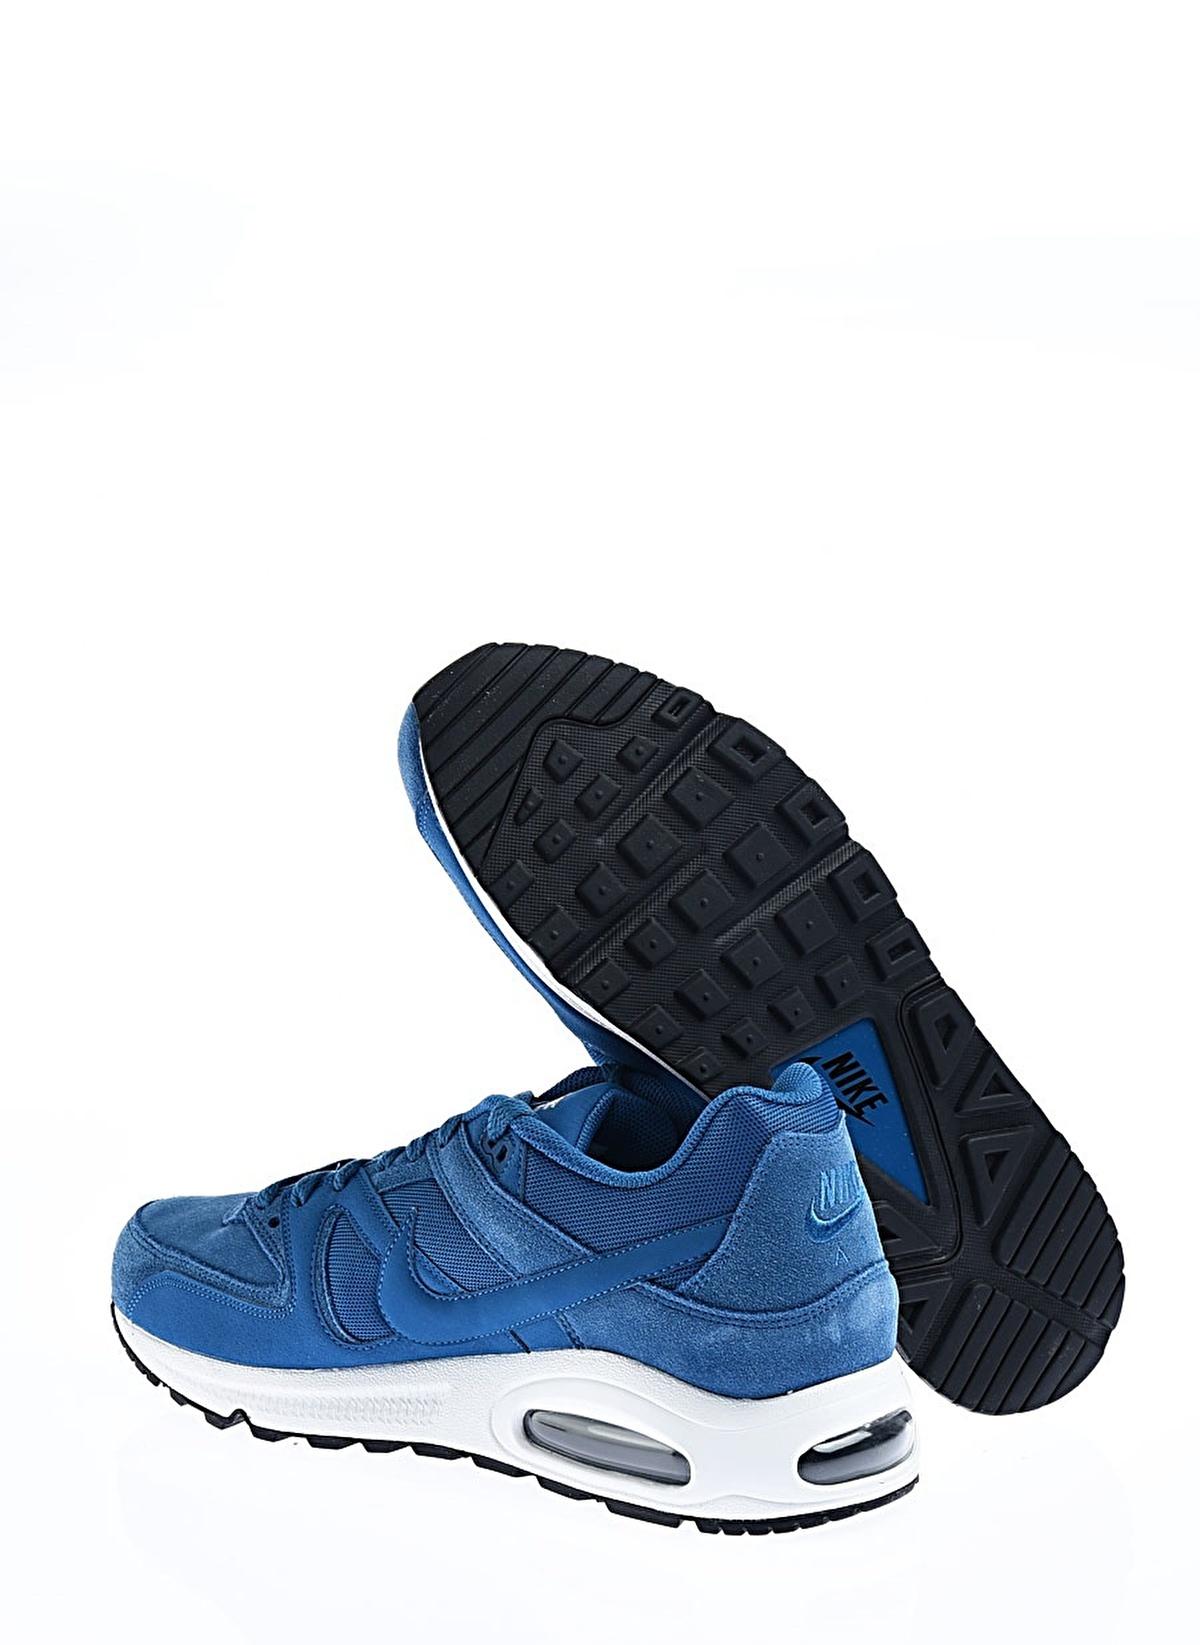 Nike Air Bleu Max Command Prm Industrial Bleu Air Industrial Adidas Terrex 693bb9